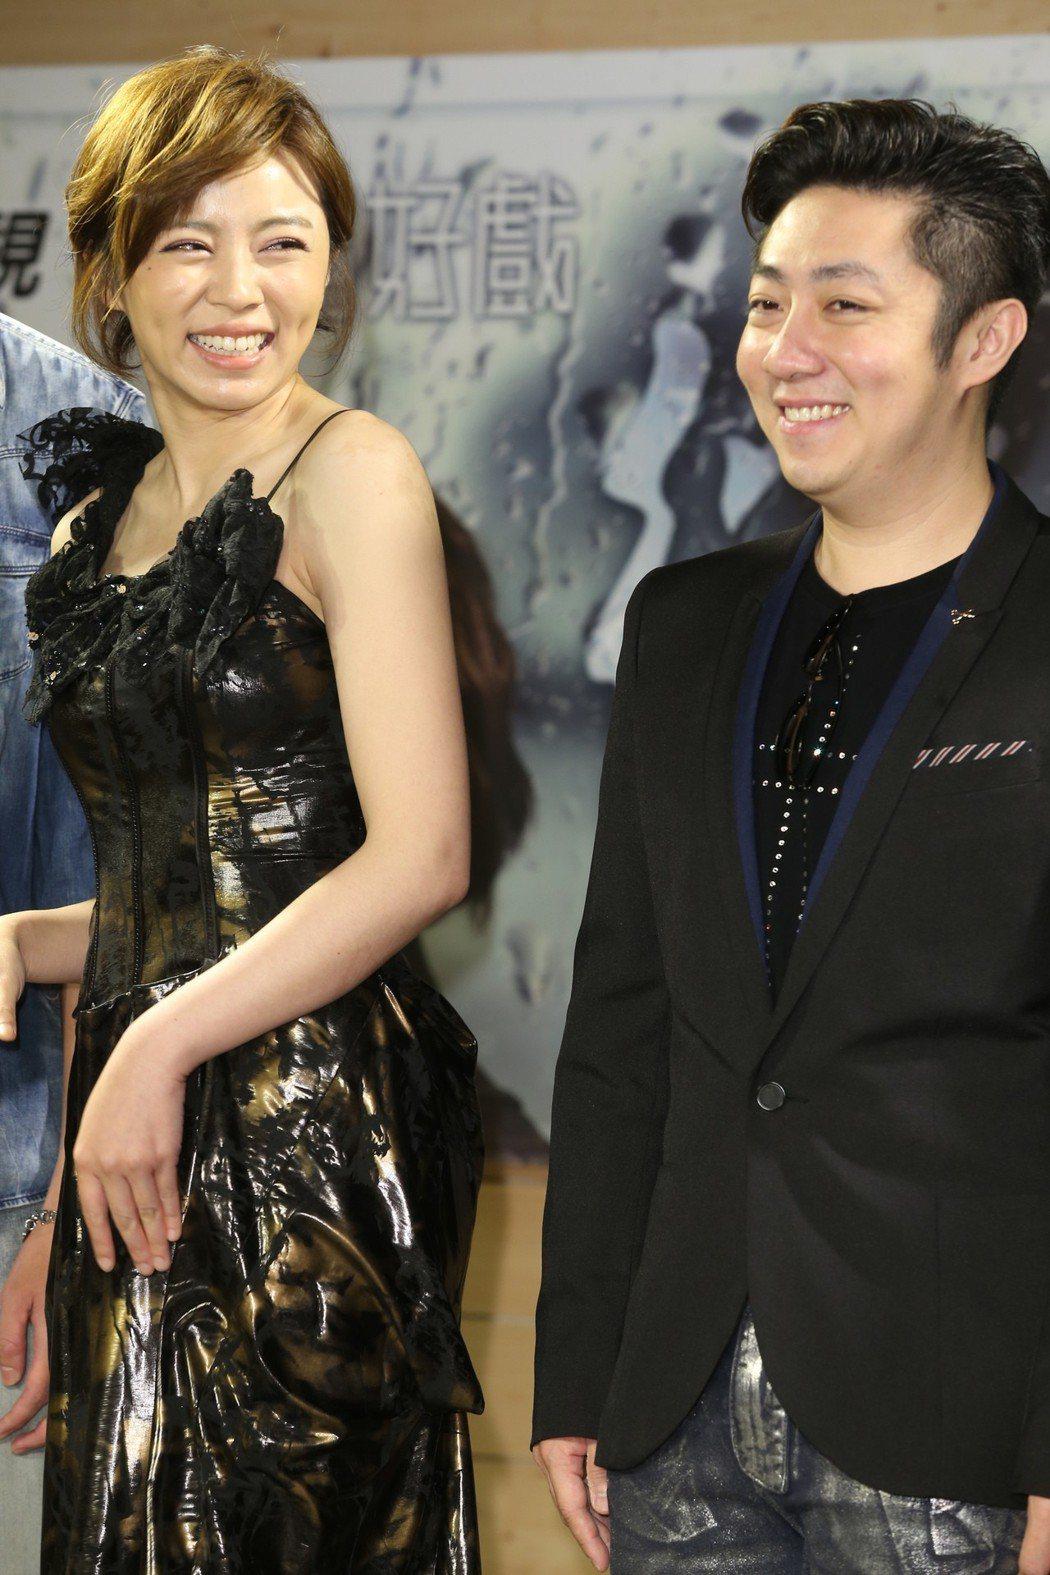 王瞳與男友艾成出席試片會為新戲宣傳。記者徐兆玄/攝影